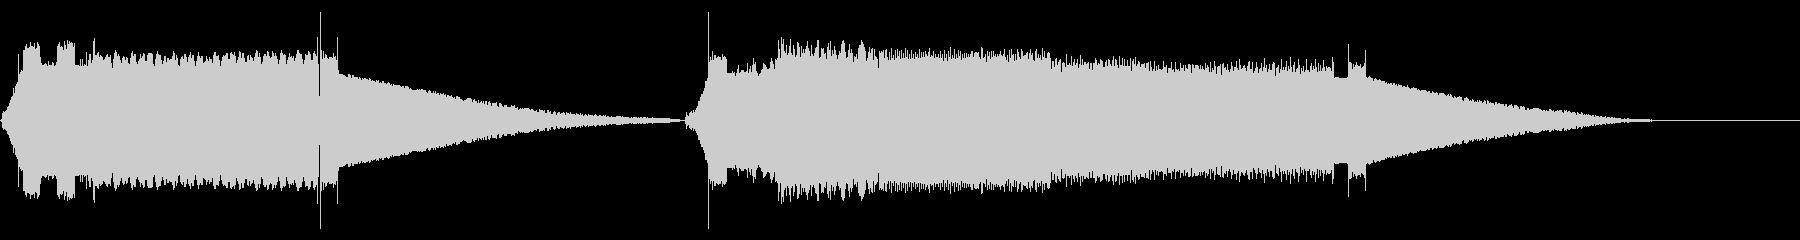 ハイテクサーボ2 X2の未再生の波形